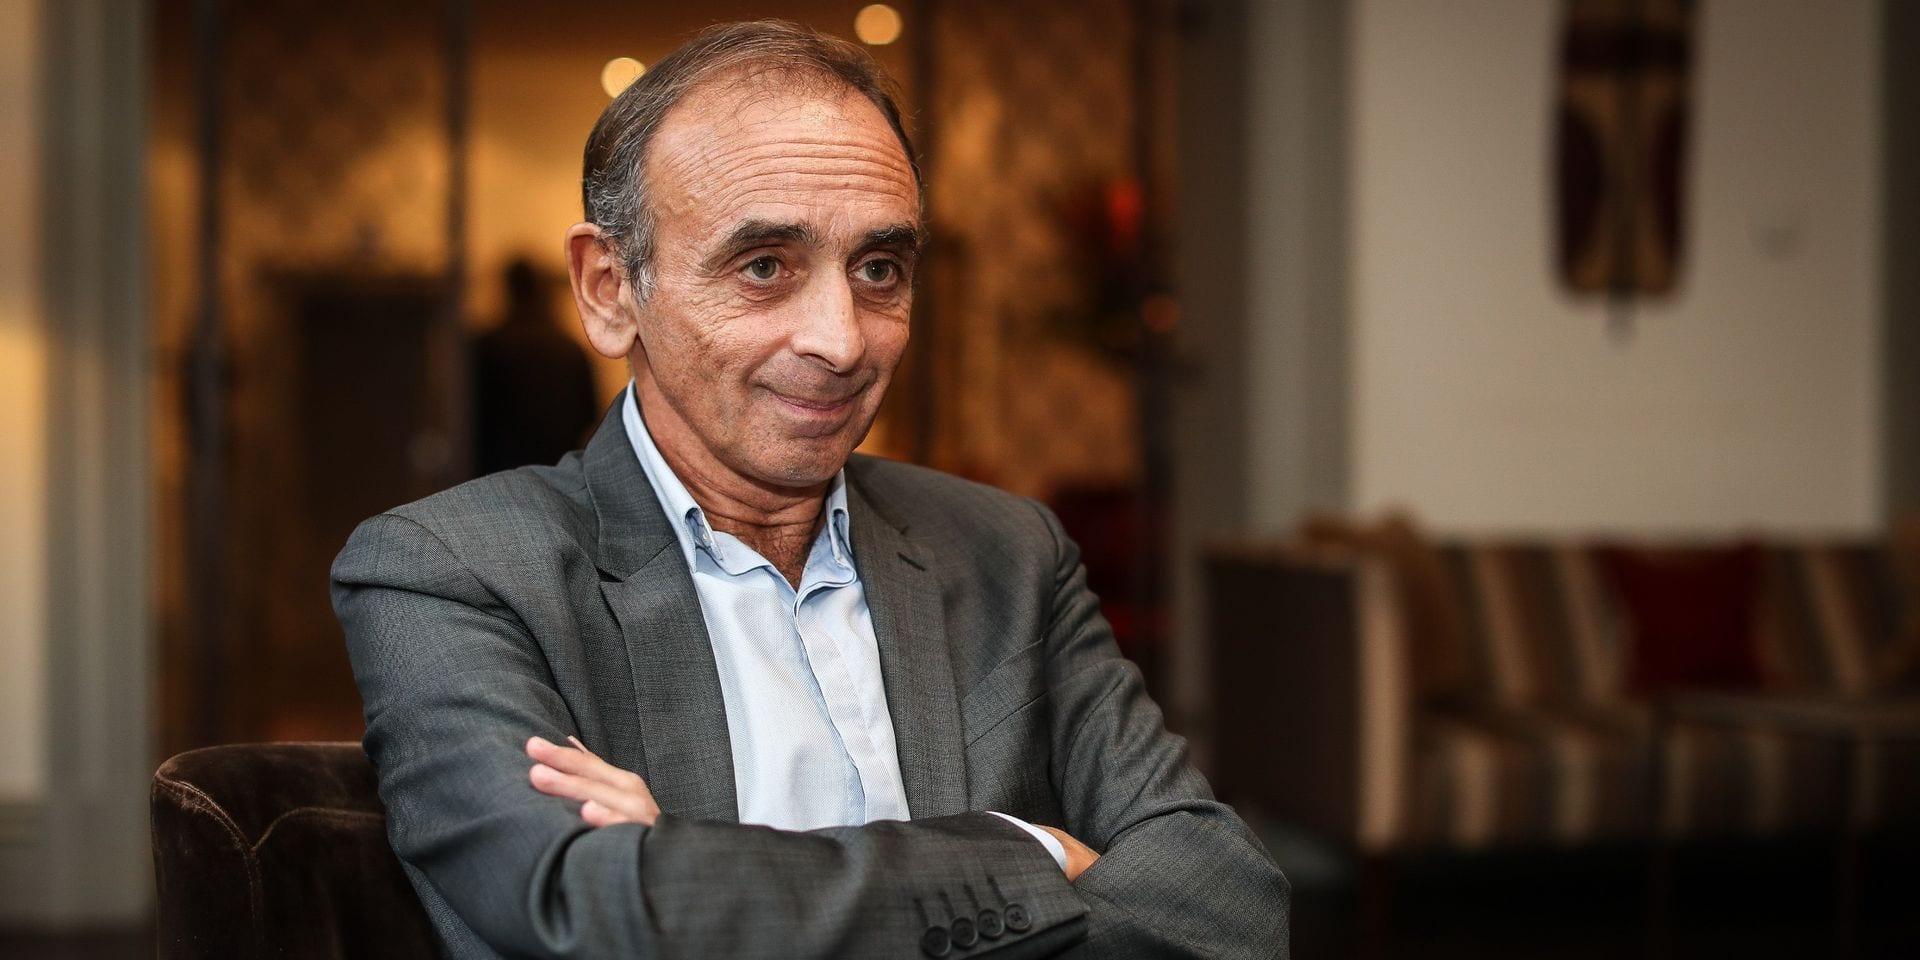 Eric Zemmour candidat à la présidentielle française ? L'hypothèse qui agite l'extrême droite